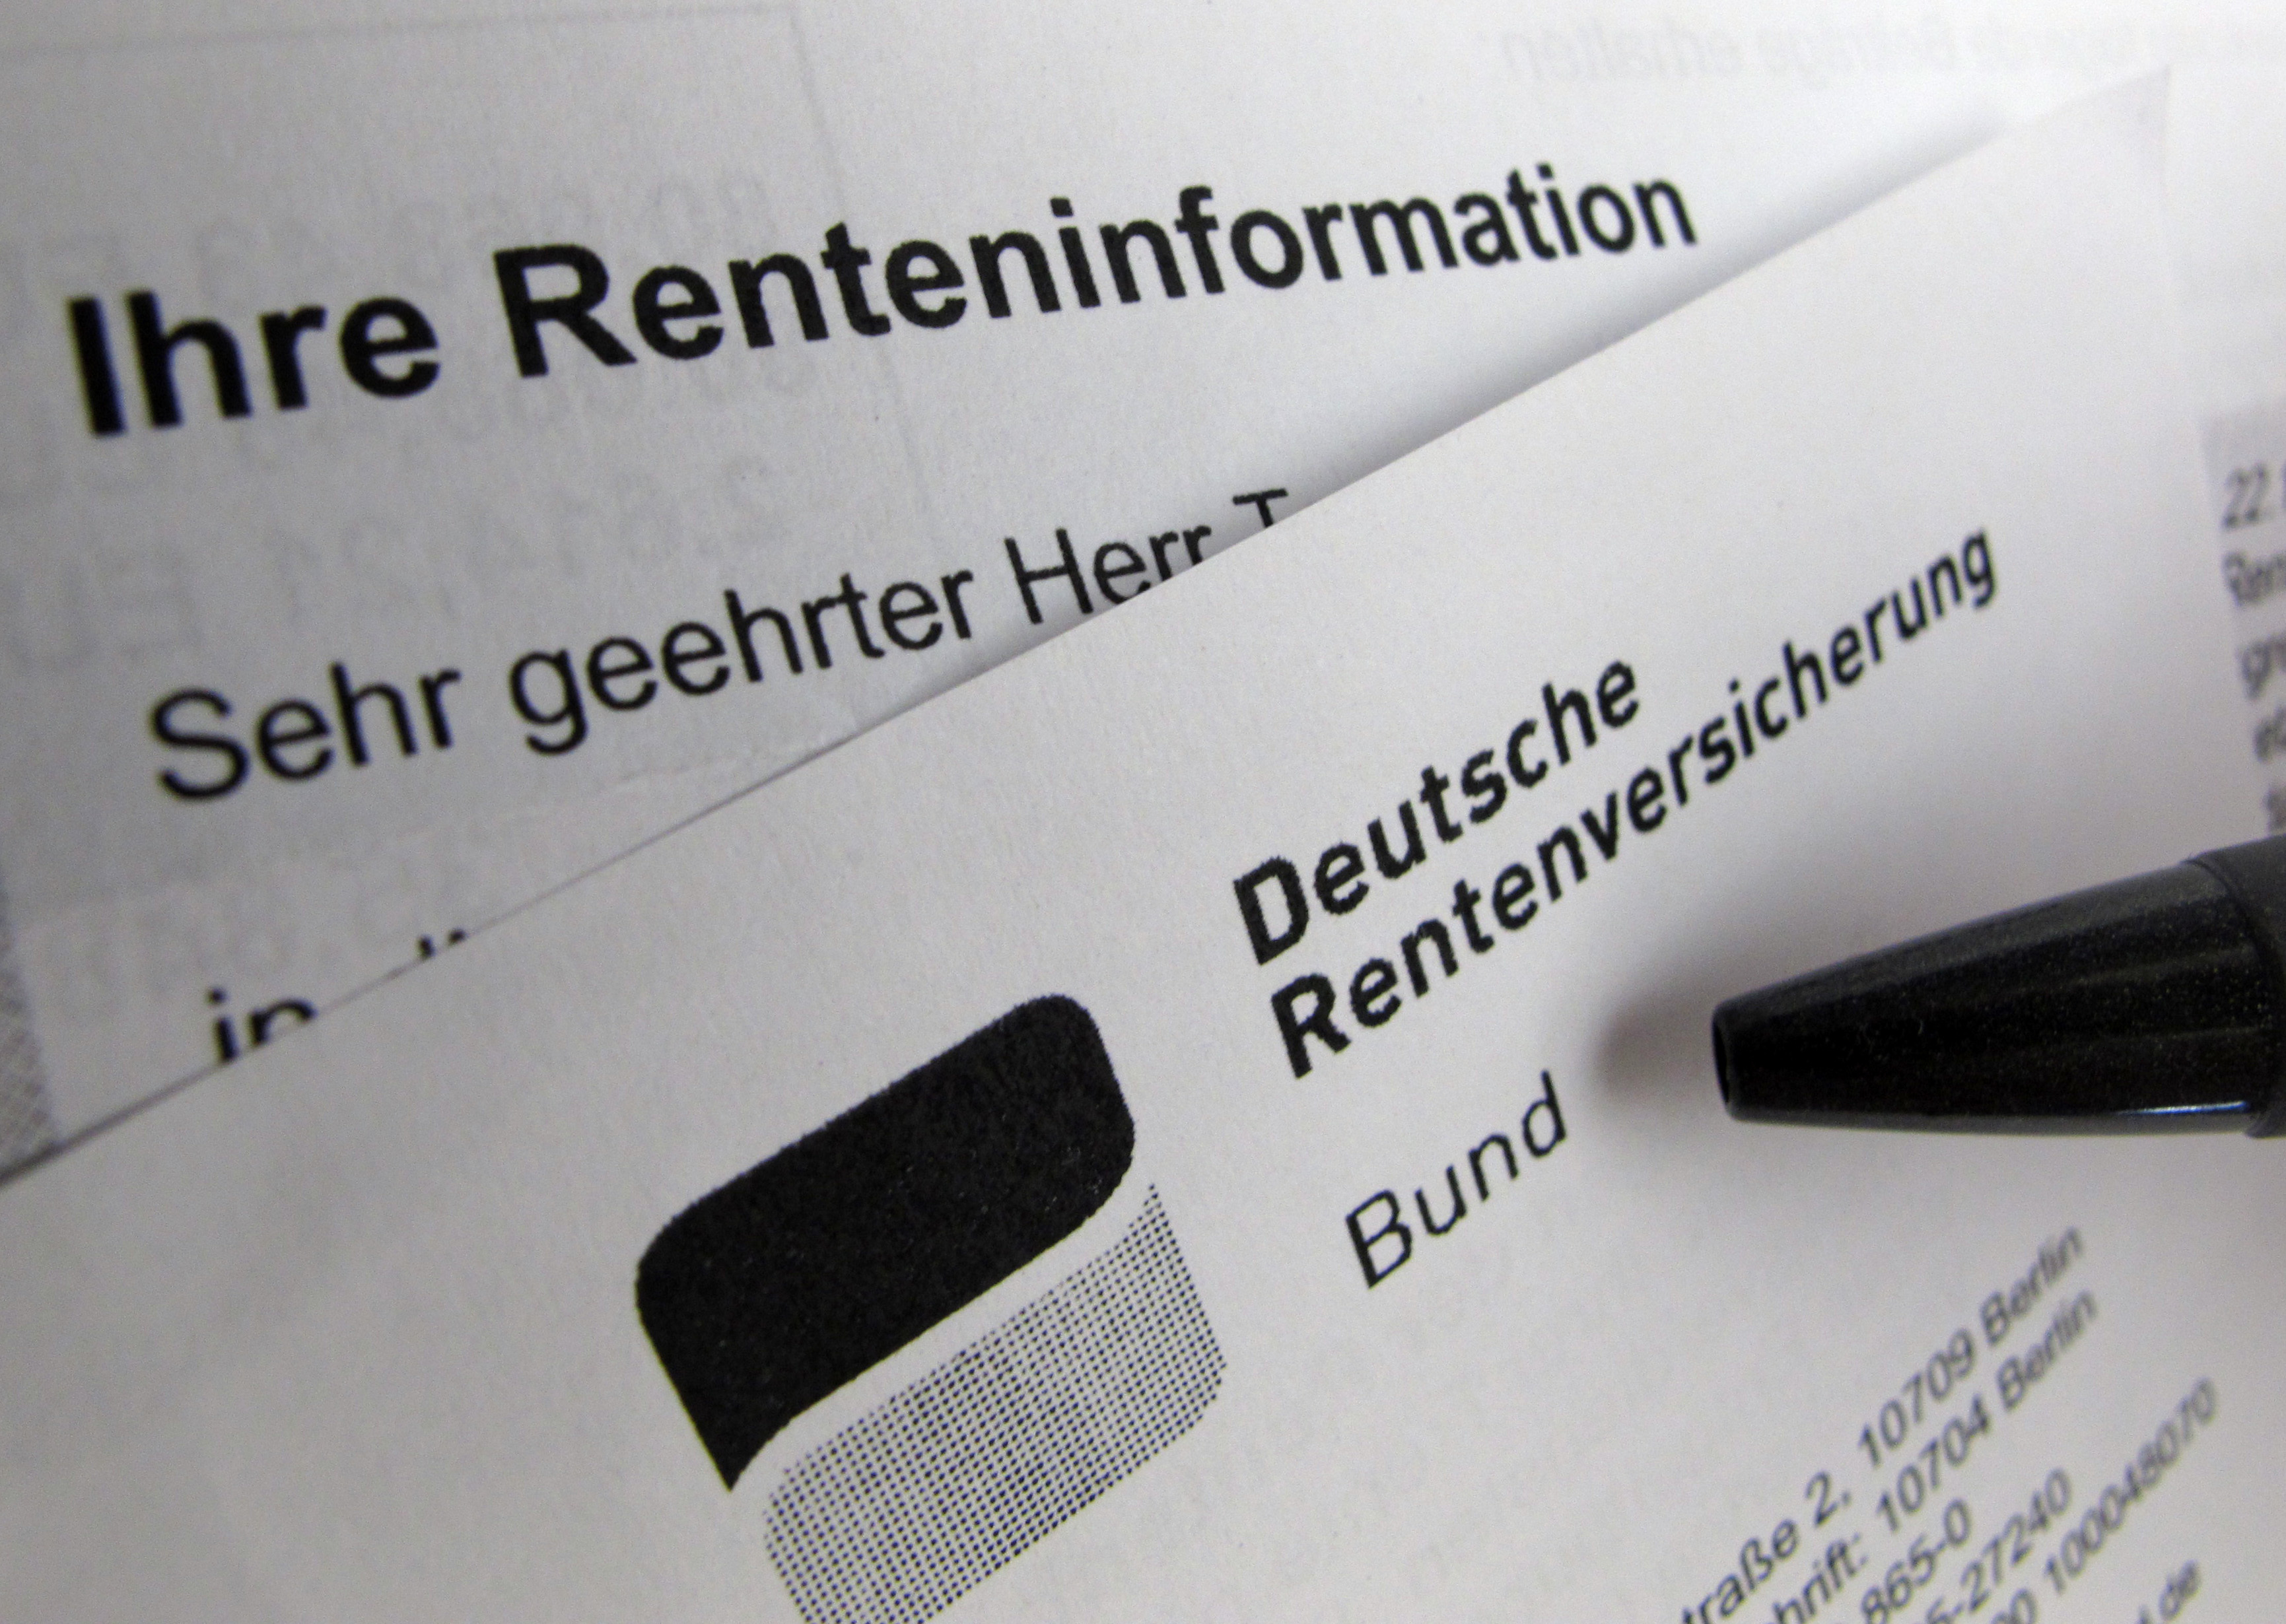 Die Deutsche Rentenversicherung rät Berufsanfängern, die Daten auf dem Sozialversicherungsausweis zu kontrollieren.